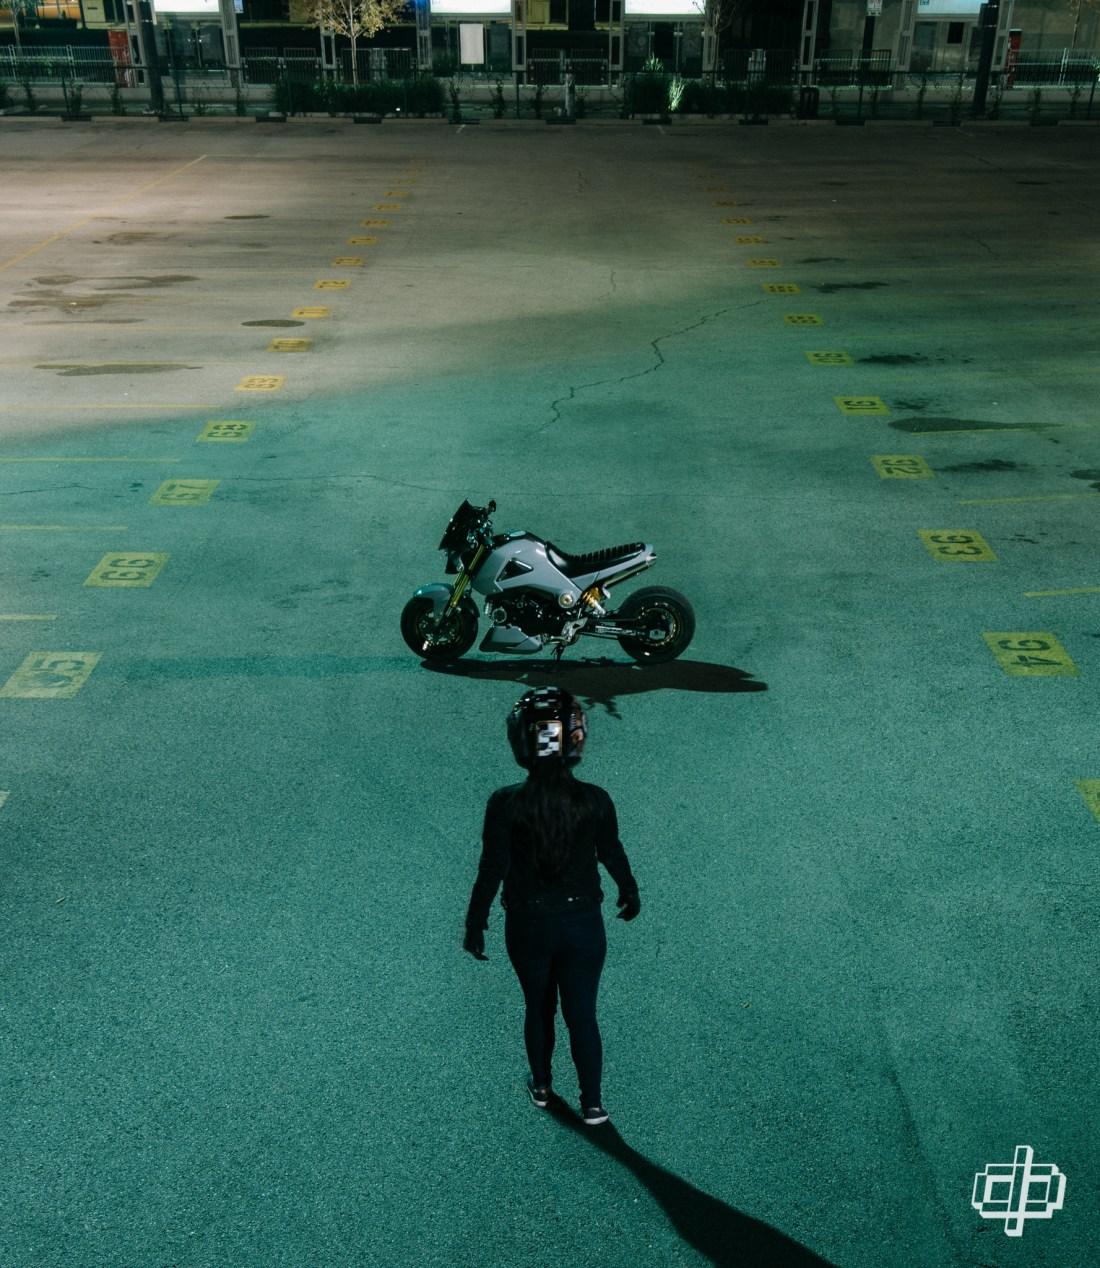 akira themed honda grom superstreet magazine dtphan